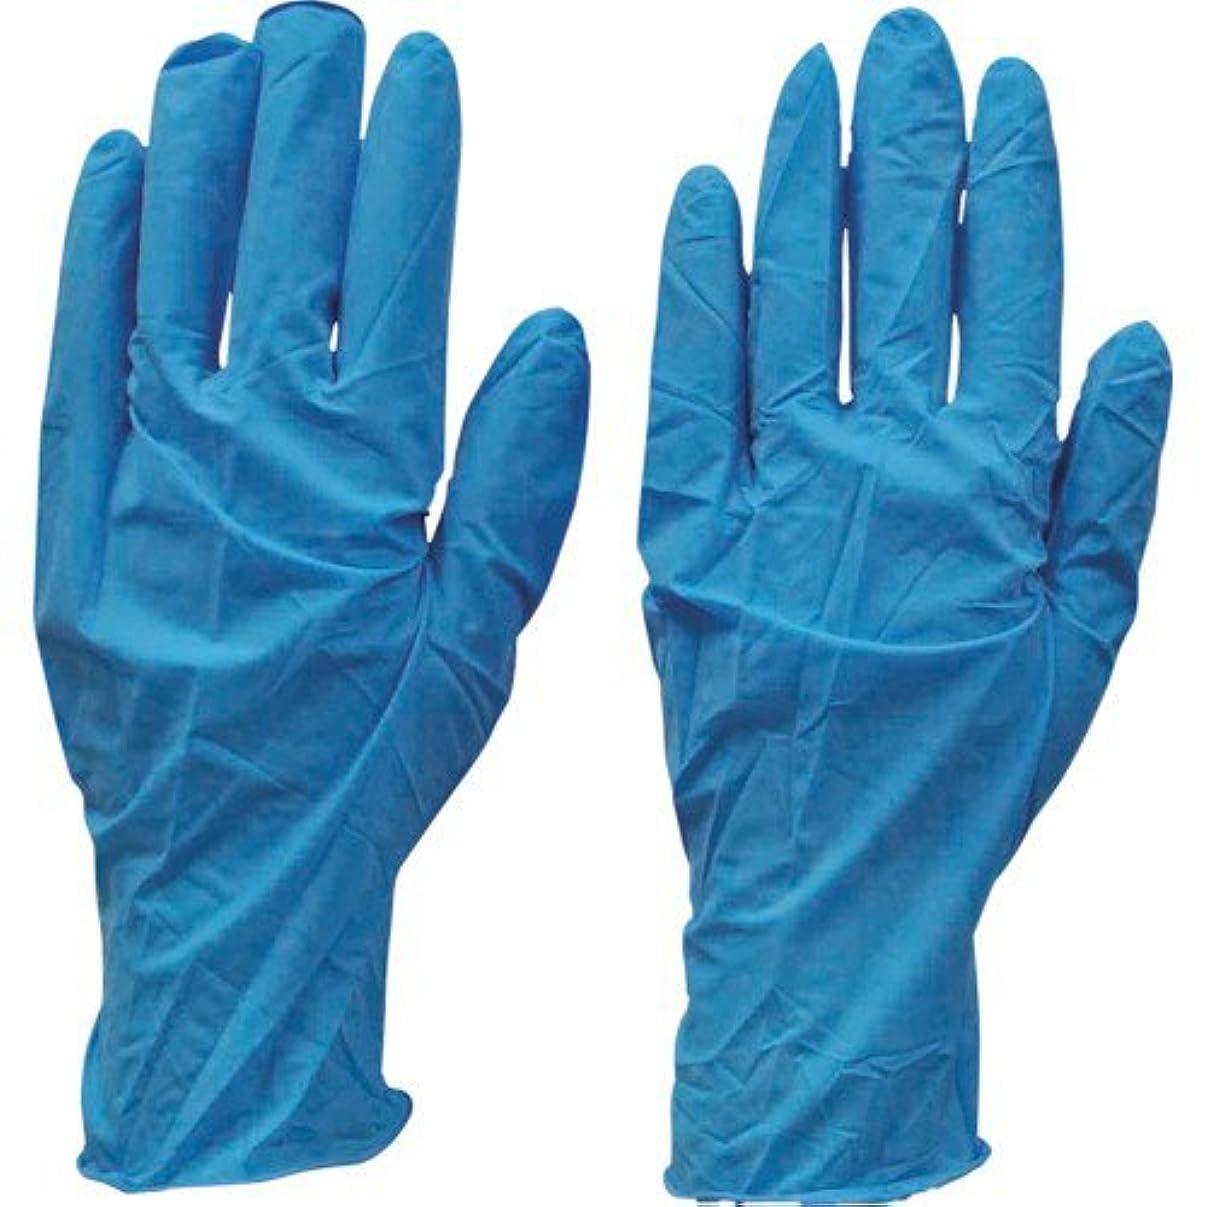 終了しました決定するそのようなダンロップ N-211 天然ゴム極うす手袋100枚入 Mブルー N211MB